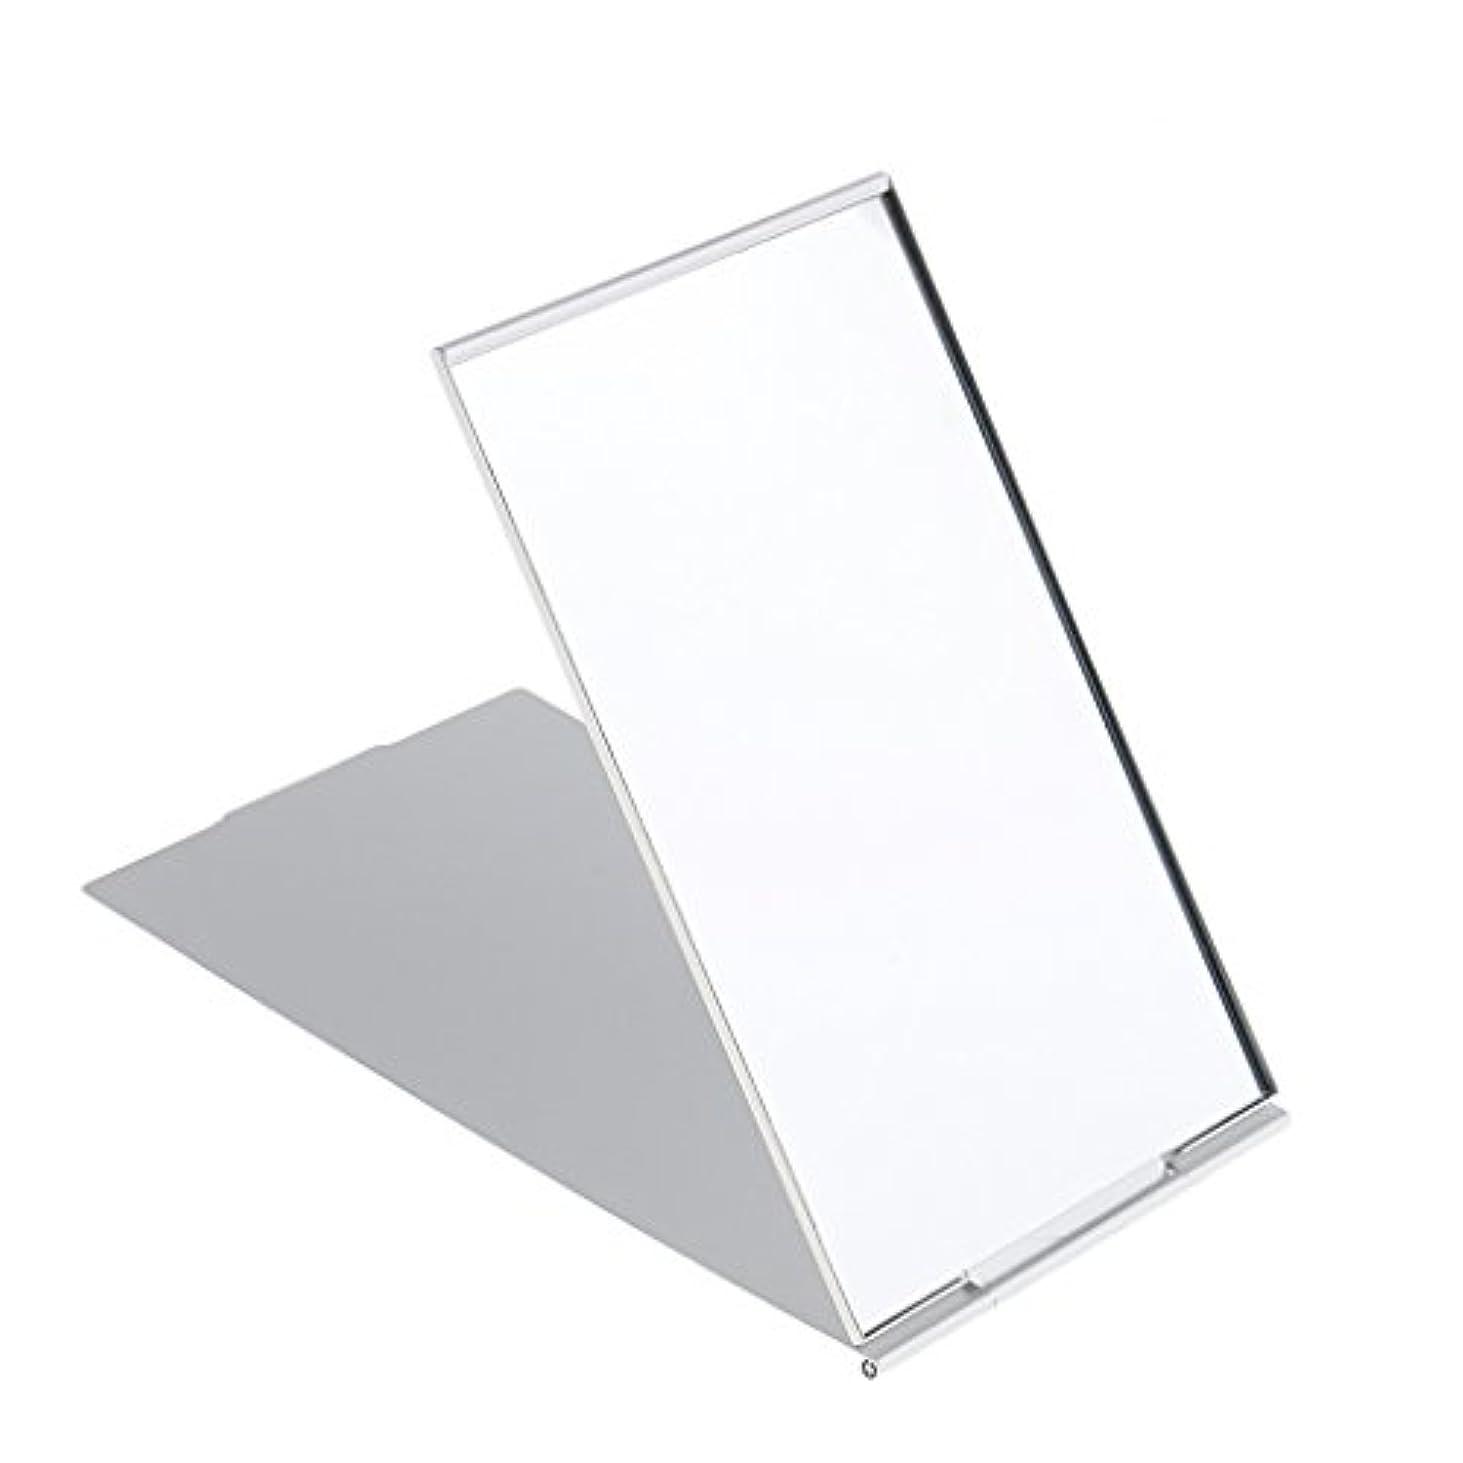 癒す慣習文明メイクミラー 軽量 折りたたみ ポケット コンパクトミラー トラベル 化粧鏡 全3サイズ - #2